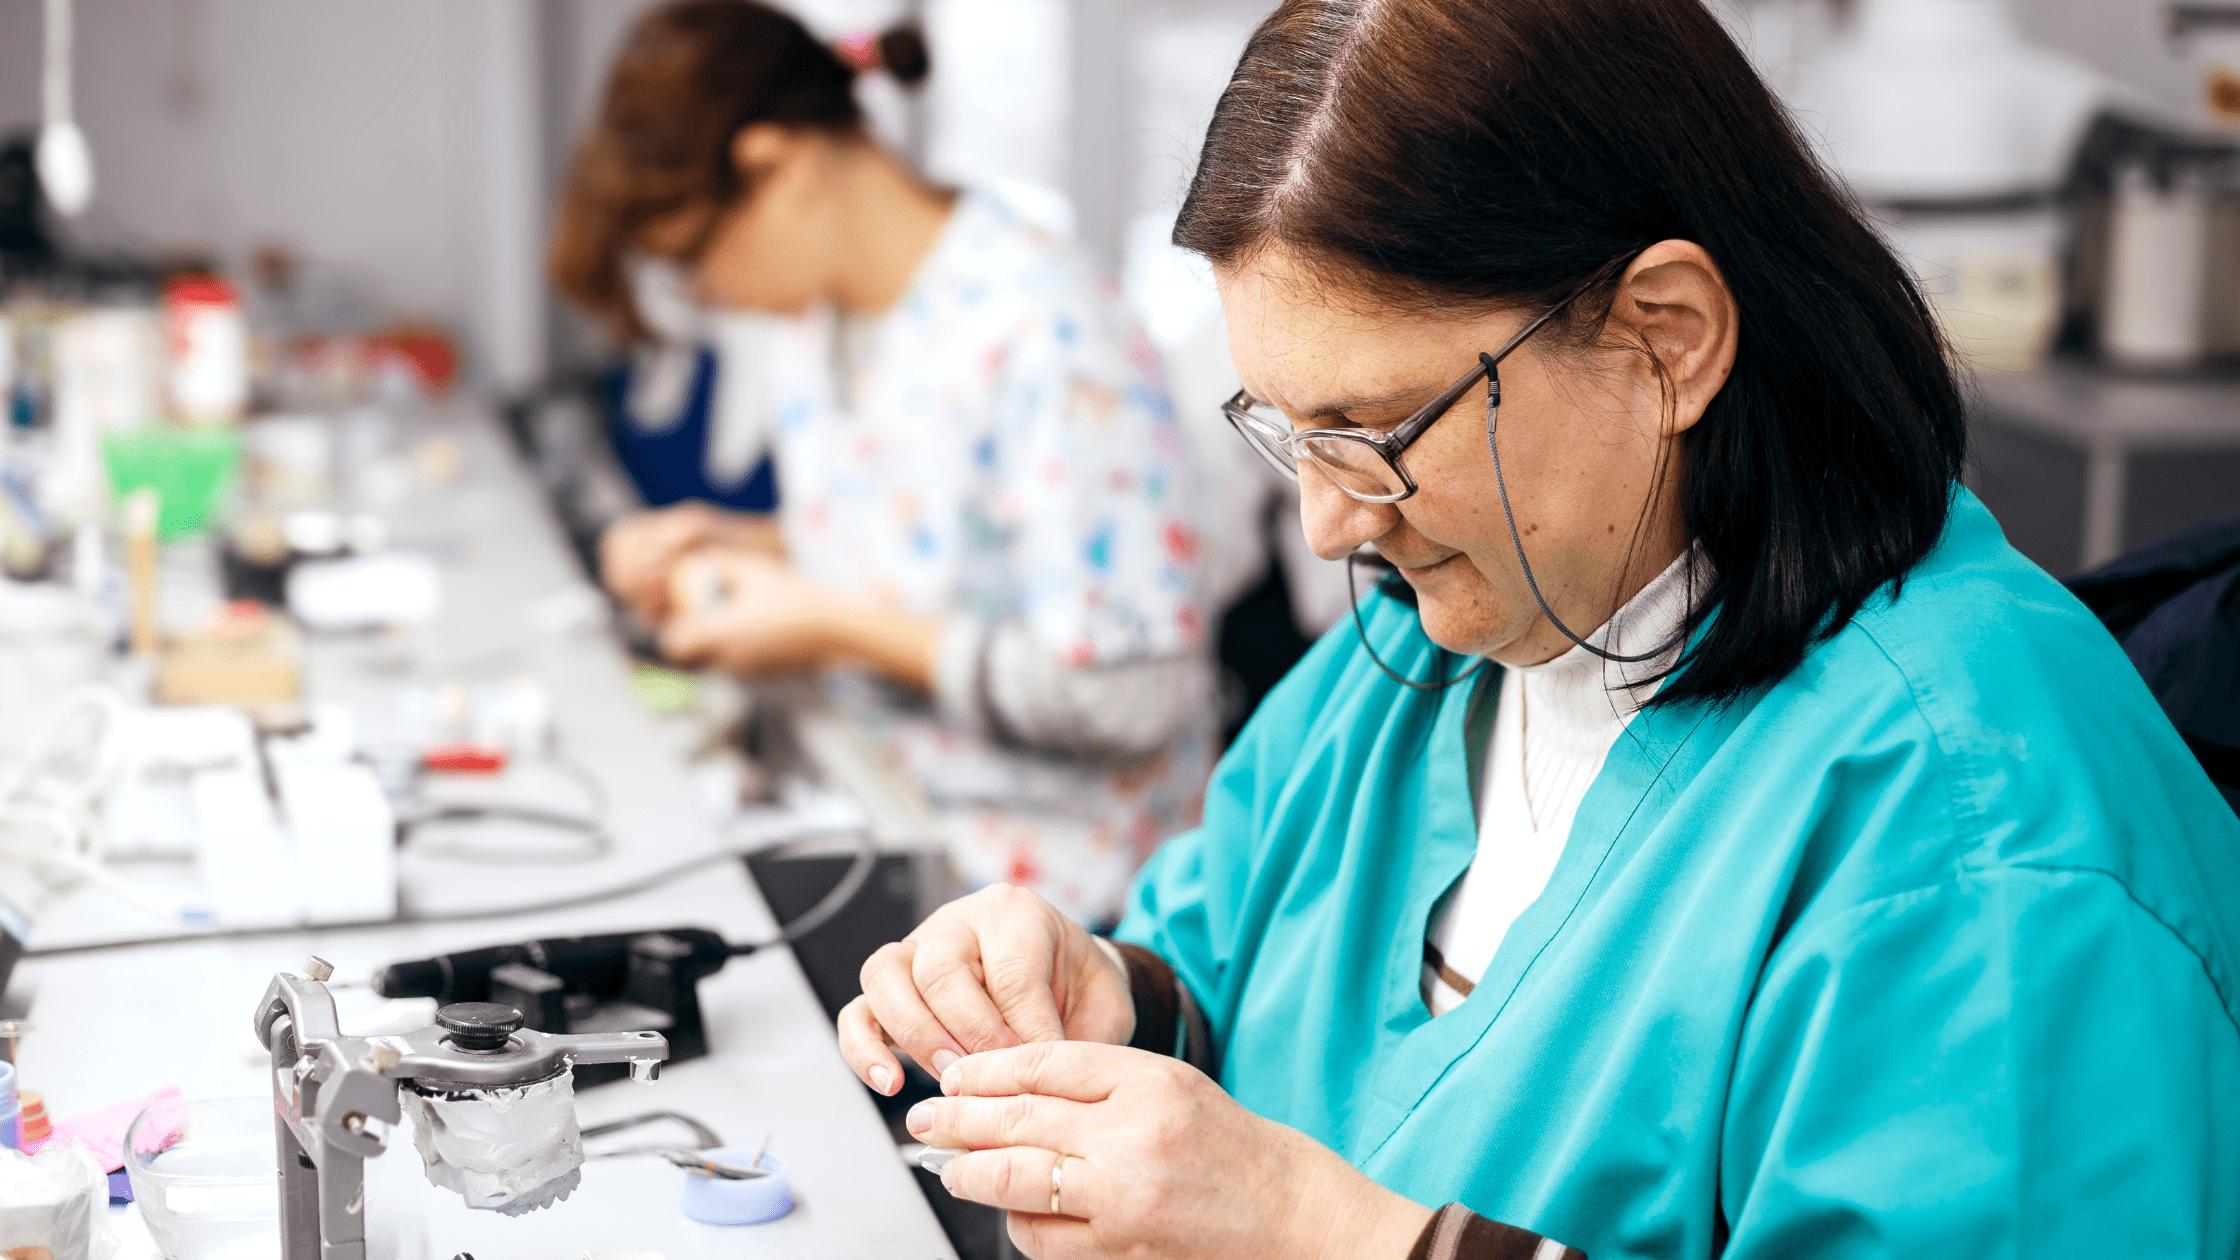 Dental material lab